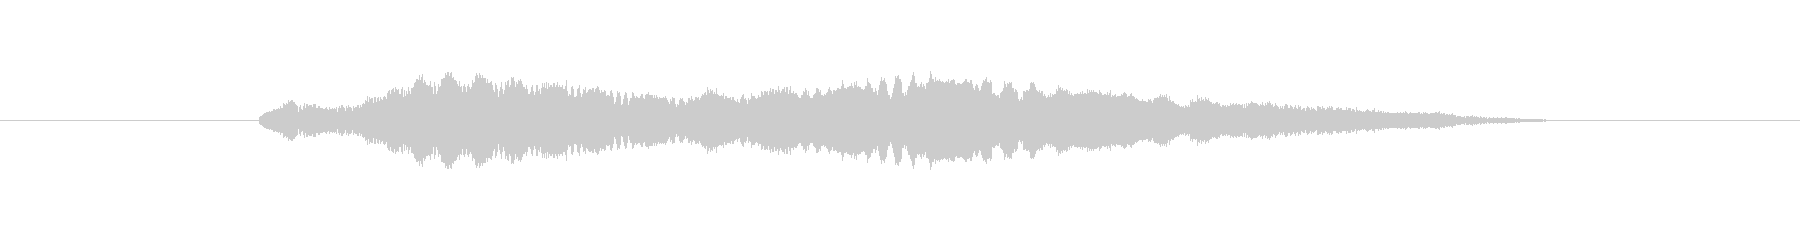 特撮 ハイテクビープ音を確認05の未再生の波形